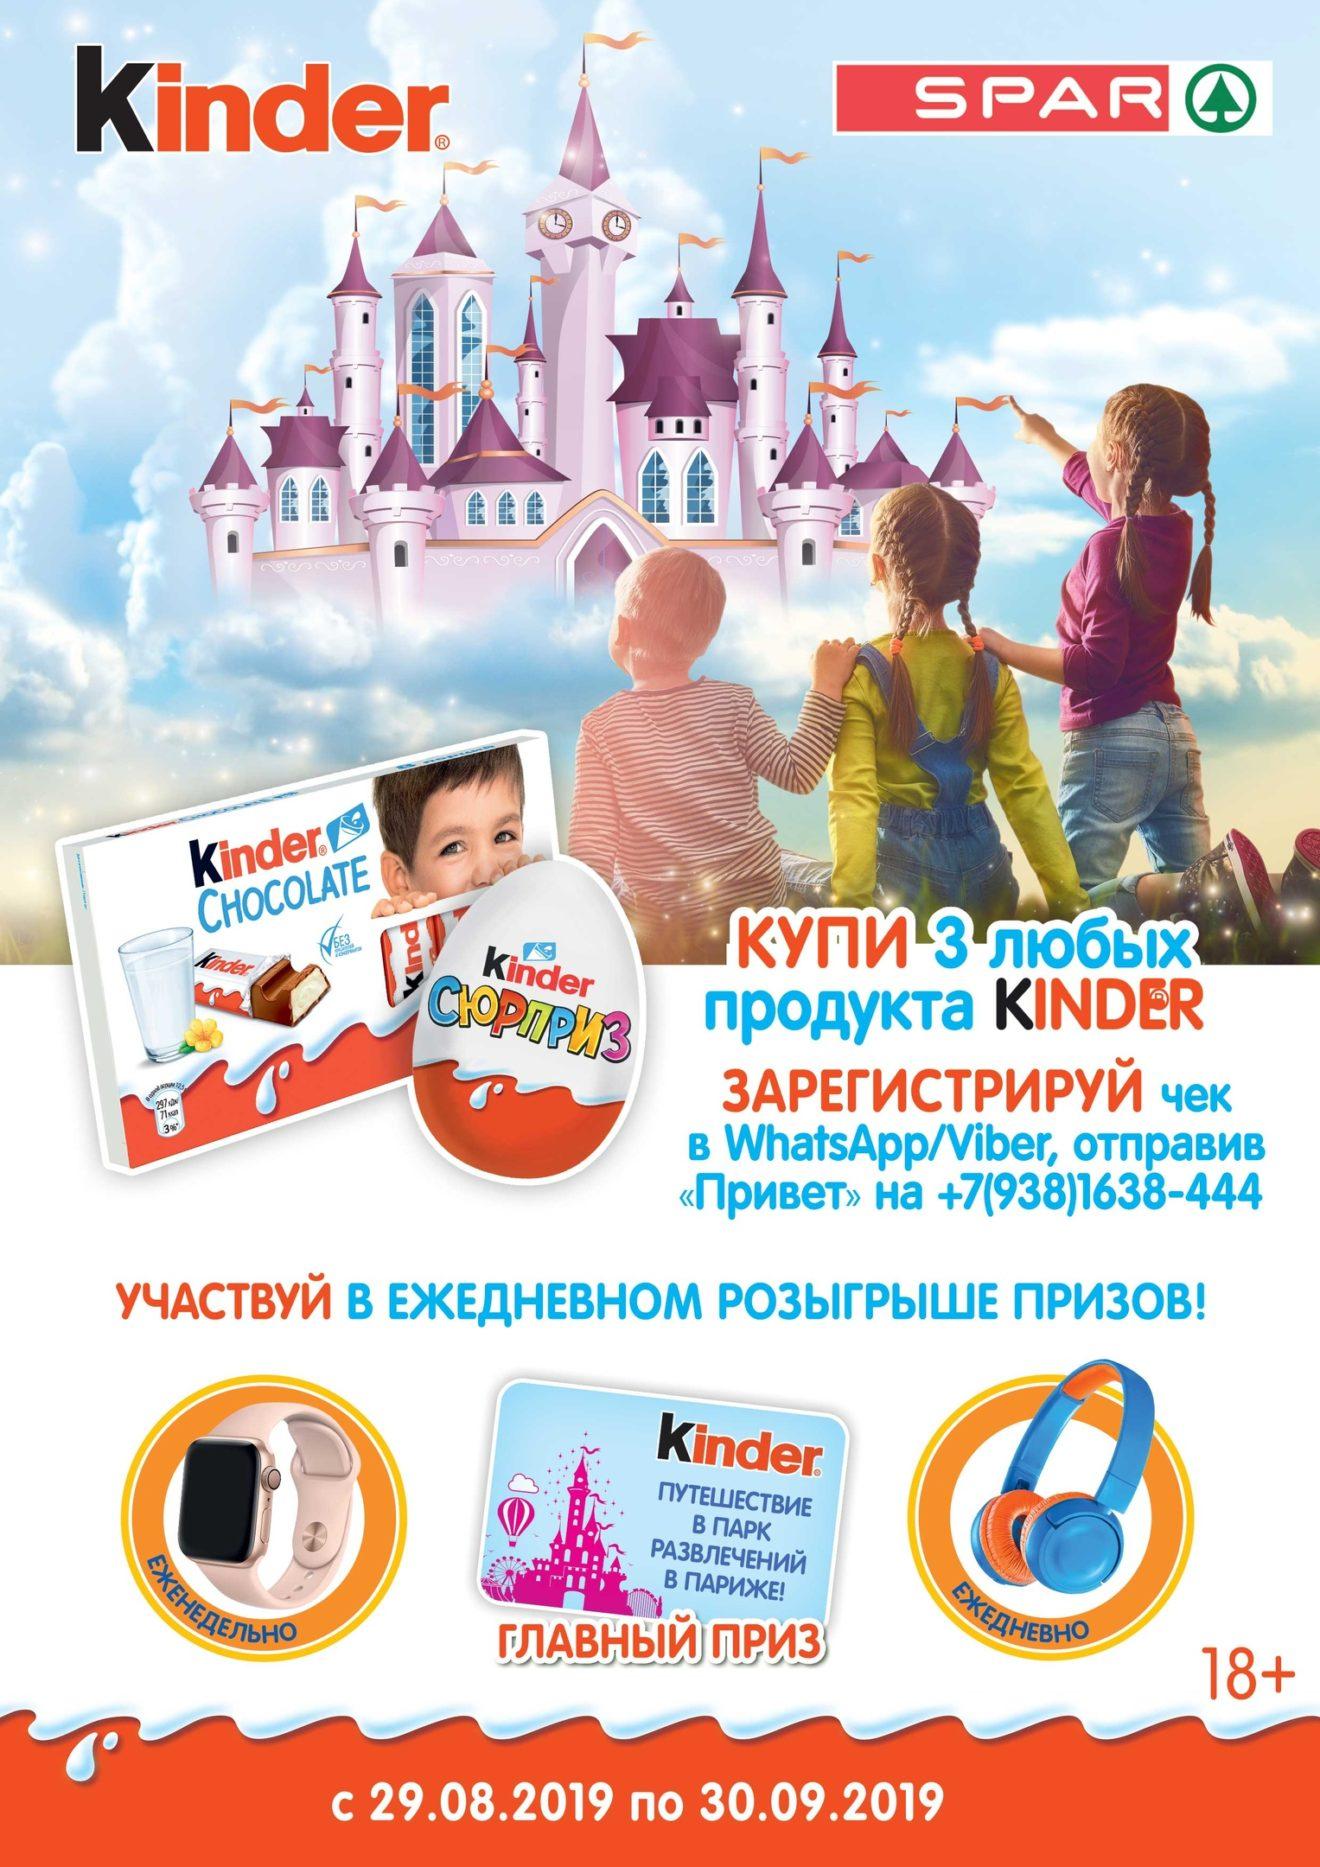 Торговая сеть SPAR и Kinder дарят подарки